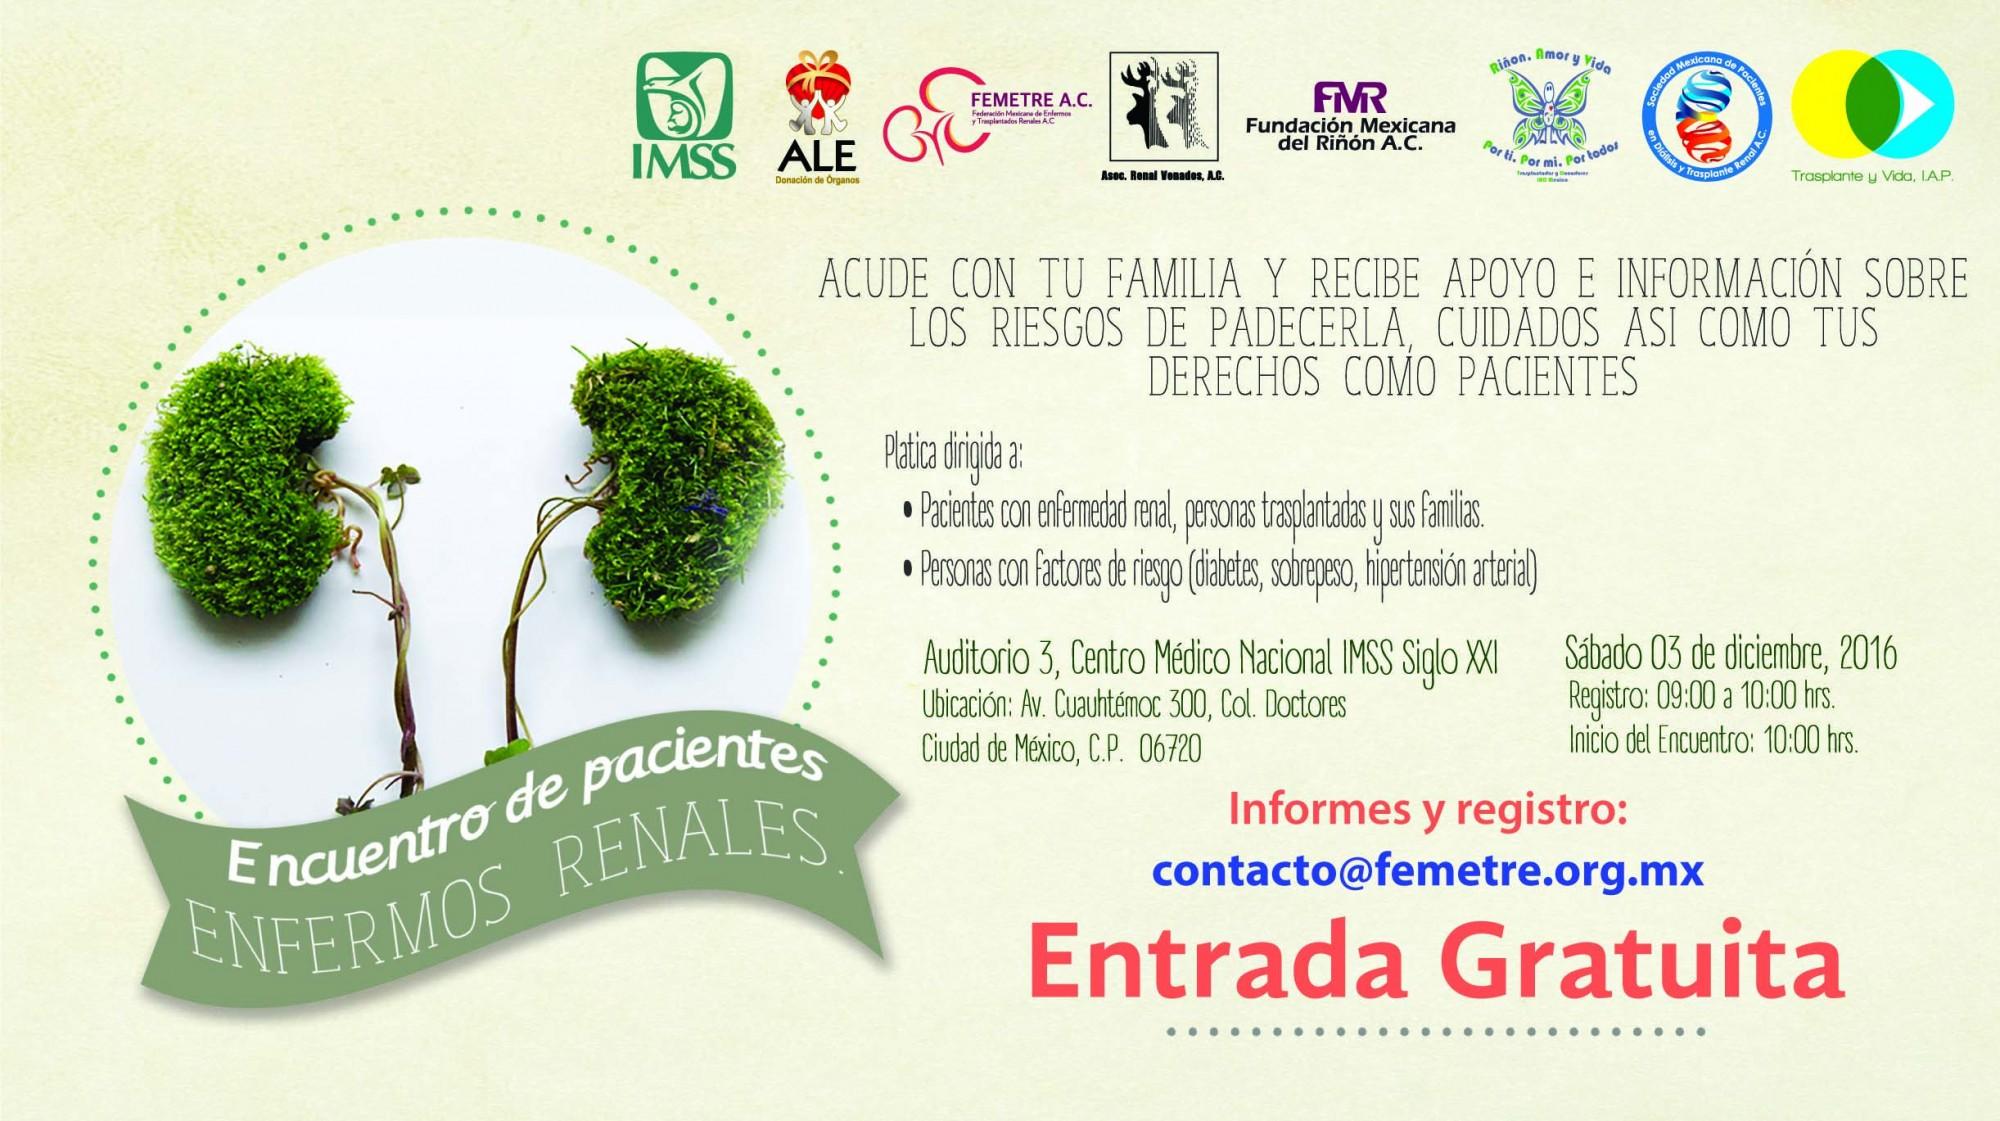 Encuentro de Pacientes Renales CDMX